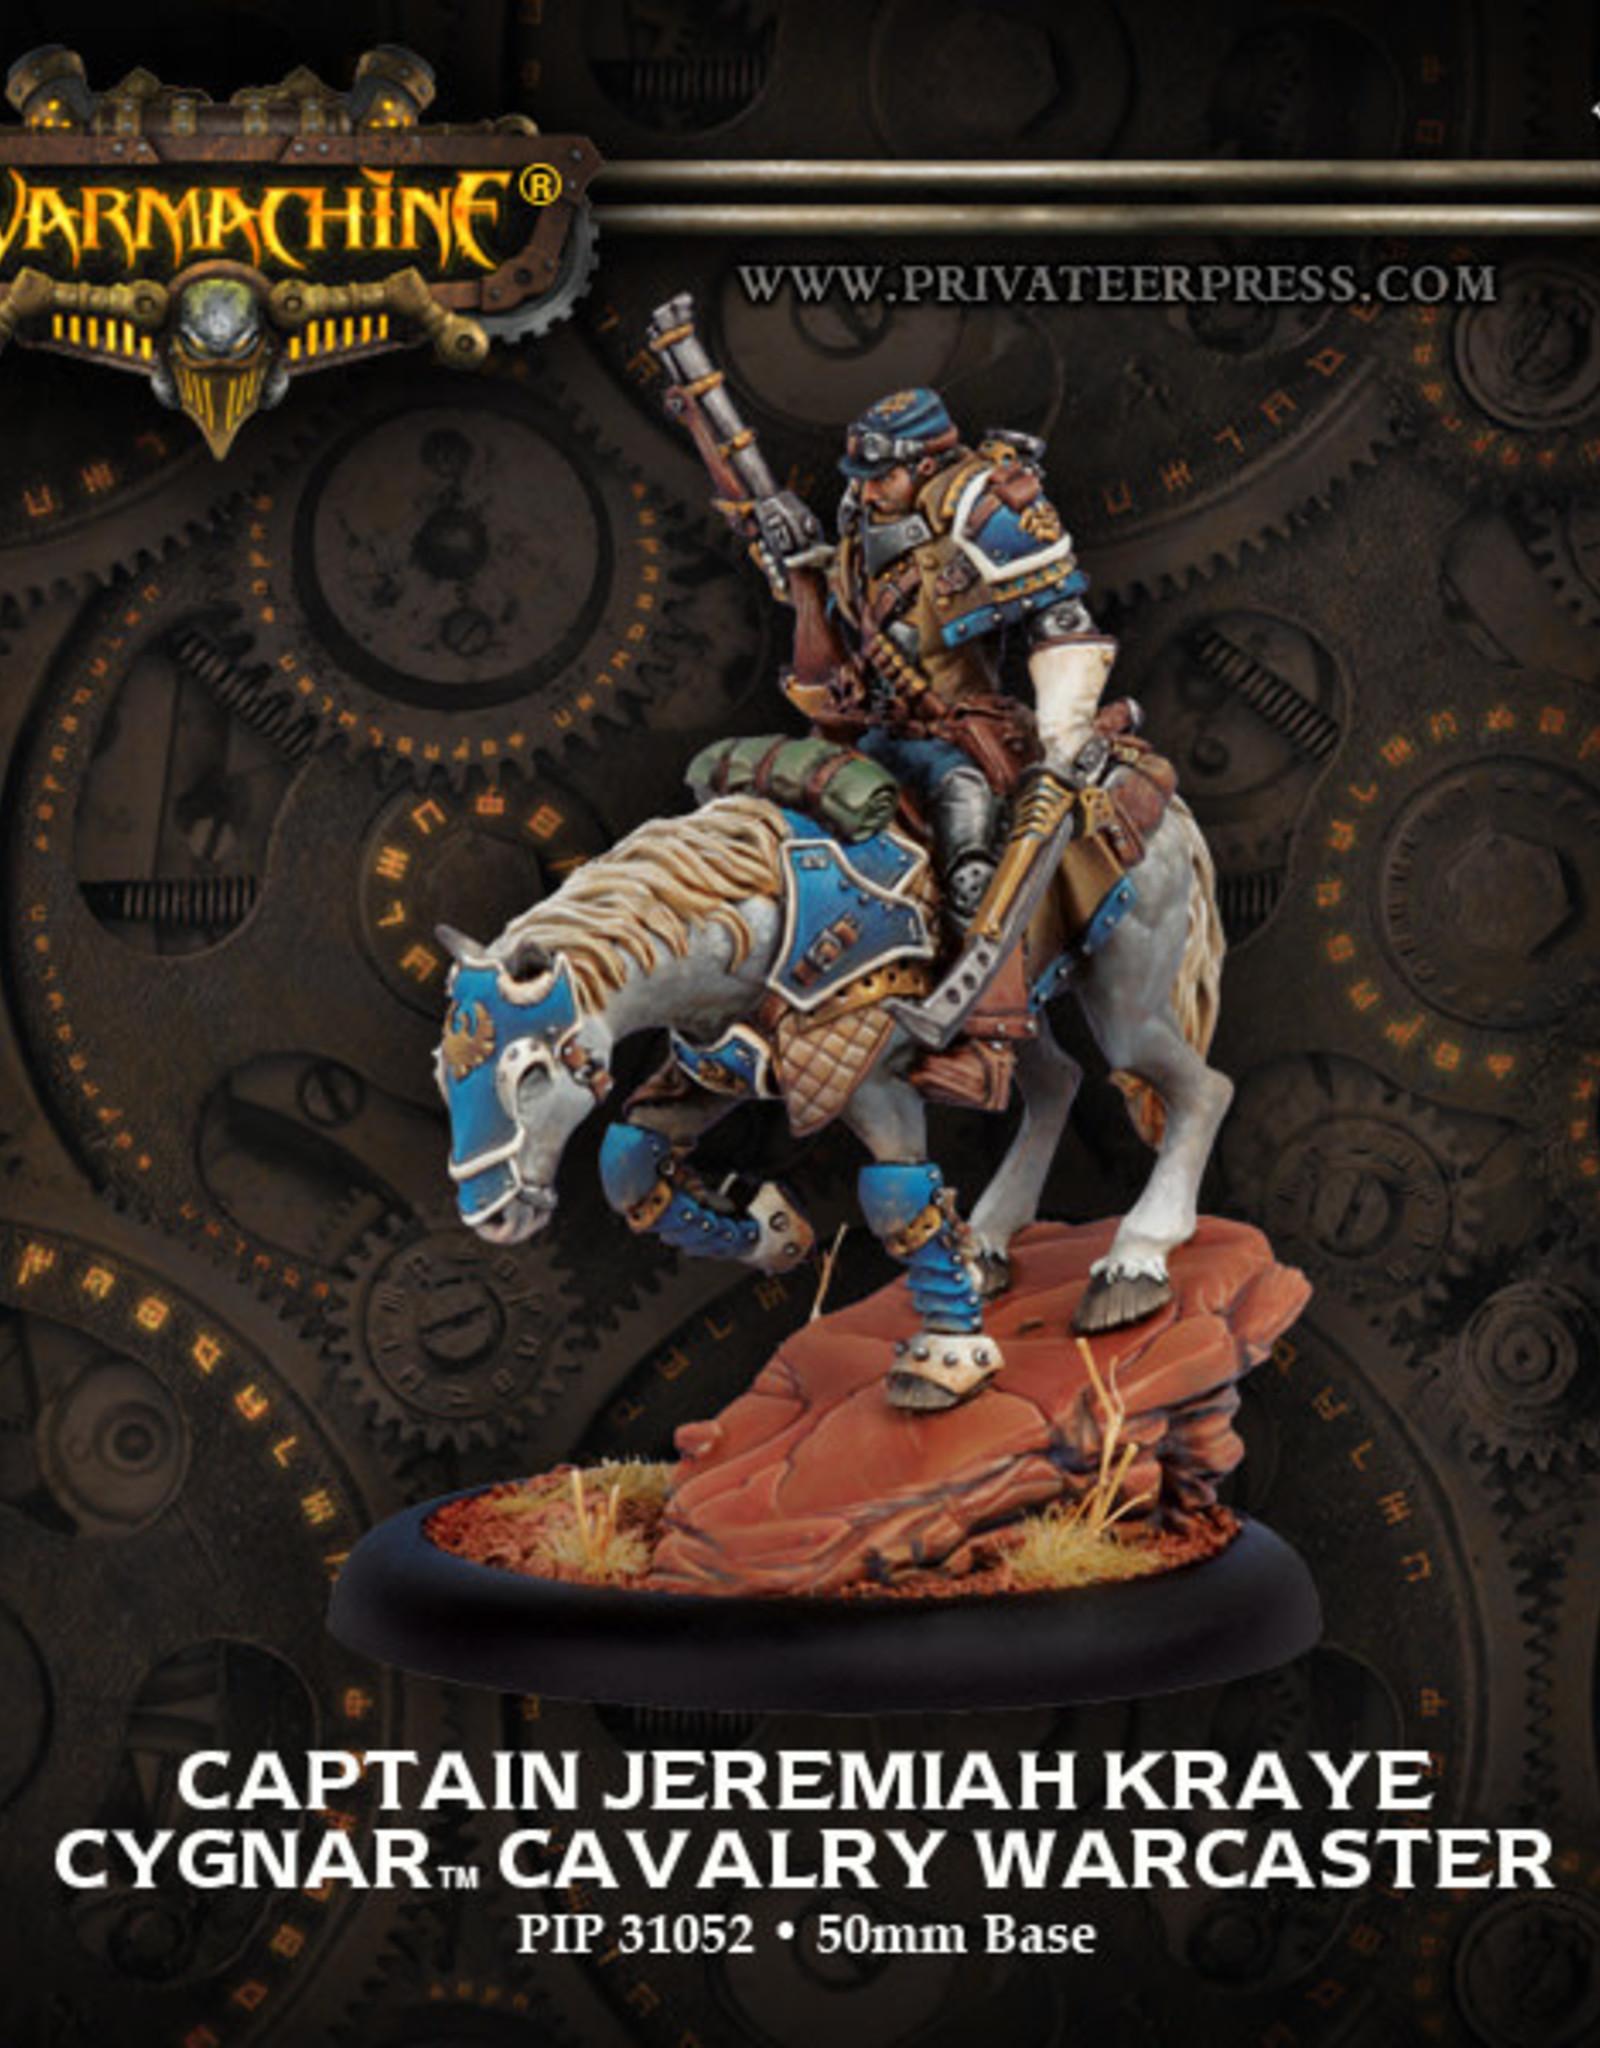 Warmachine Cygnar - Jeremiah Kraye